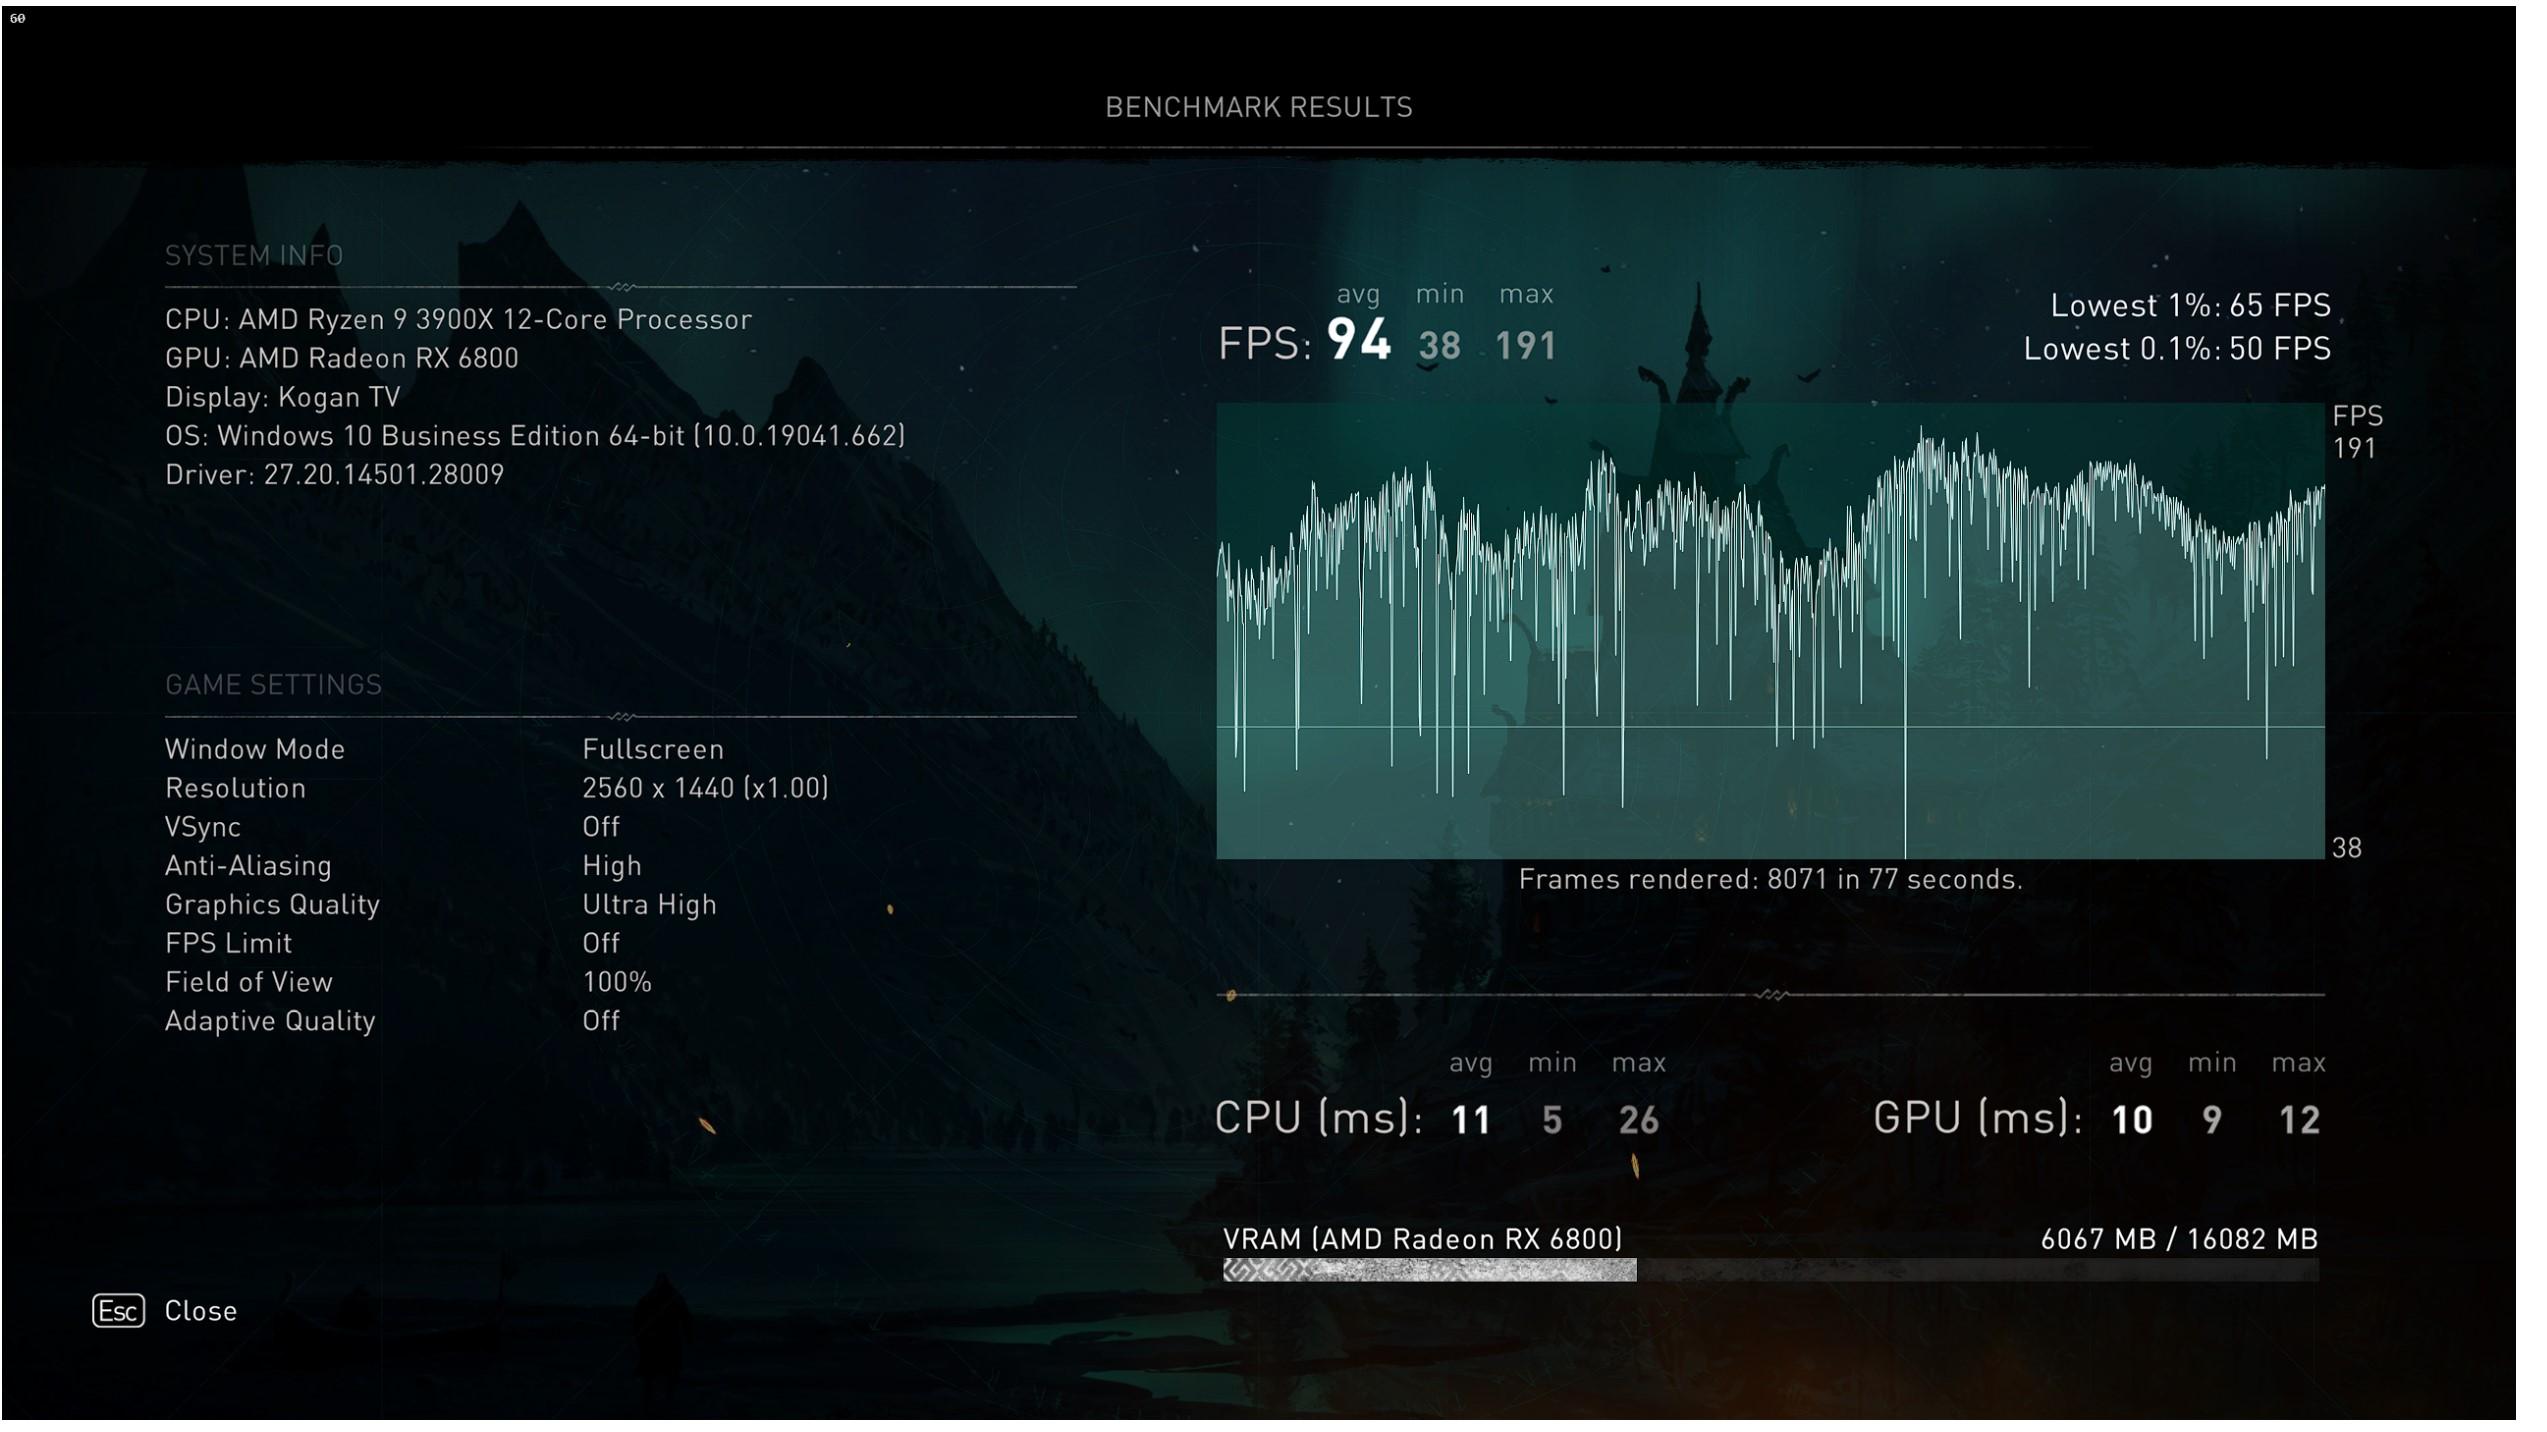 Screenshot 2021-01-13 210044.jpg